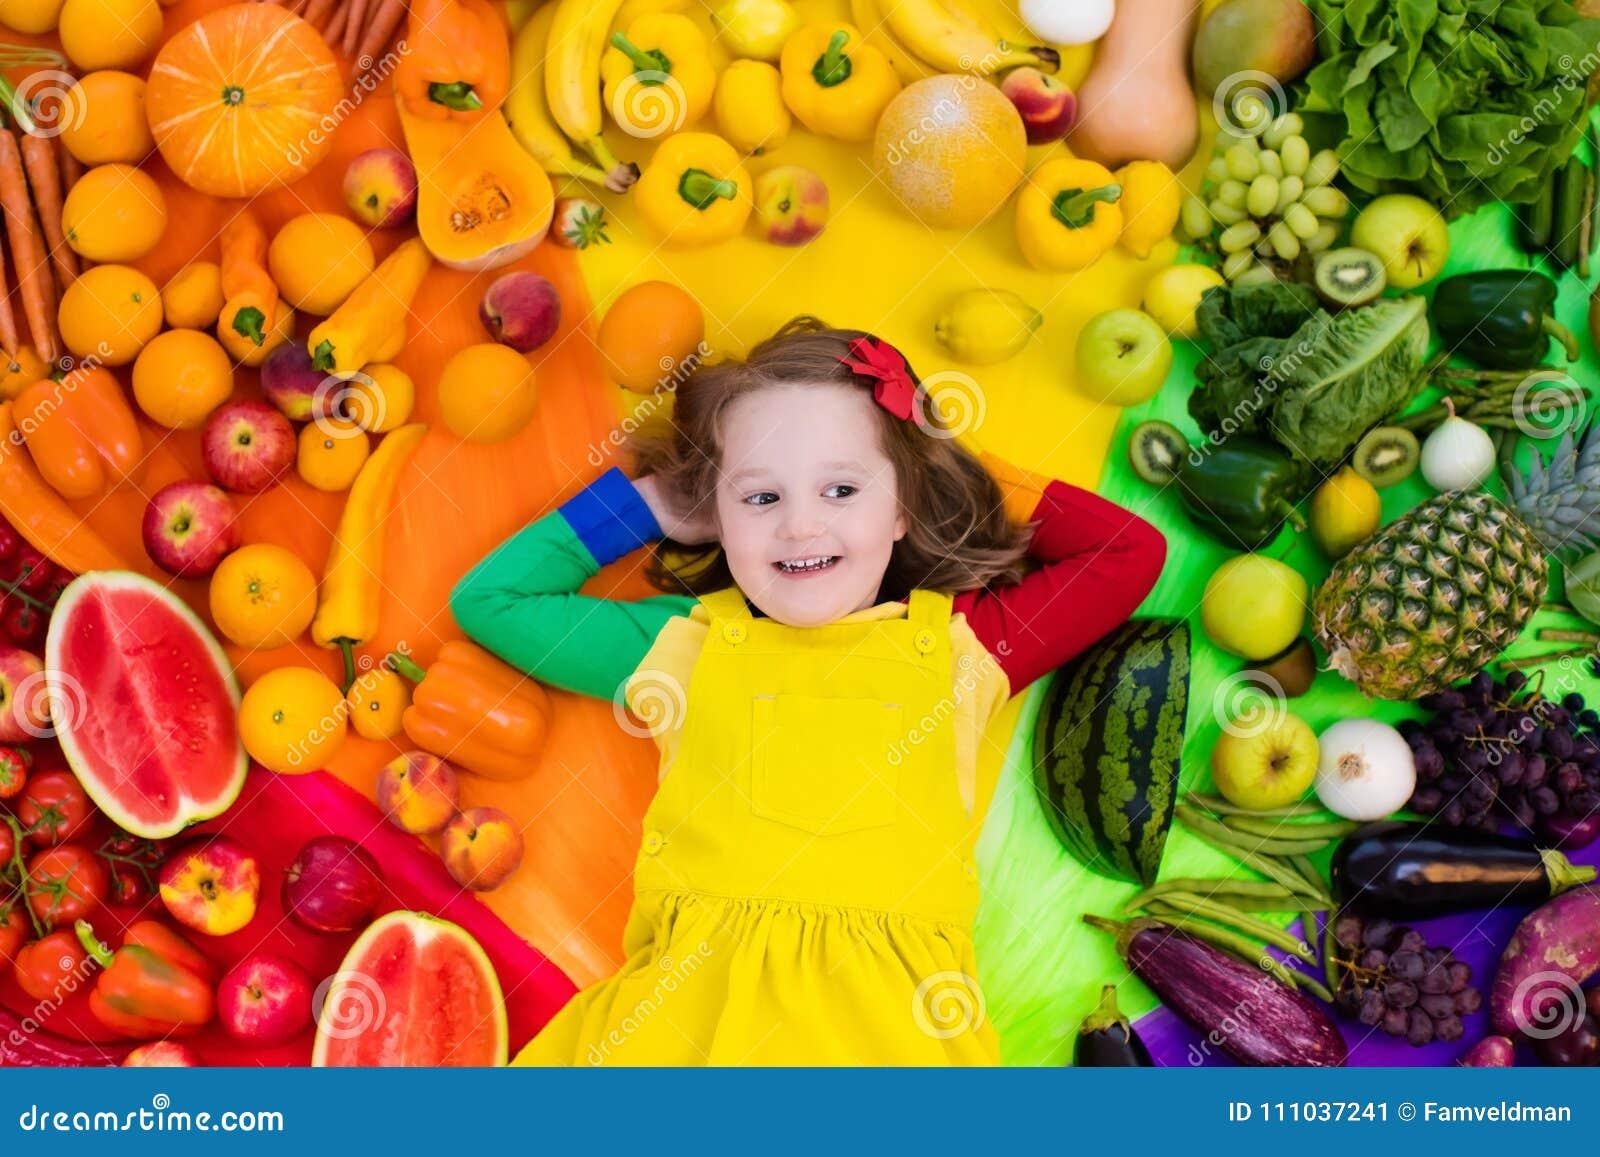 Υγιής διατροφή φρούτων και λαχανικών για τα παιδιά